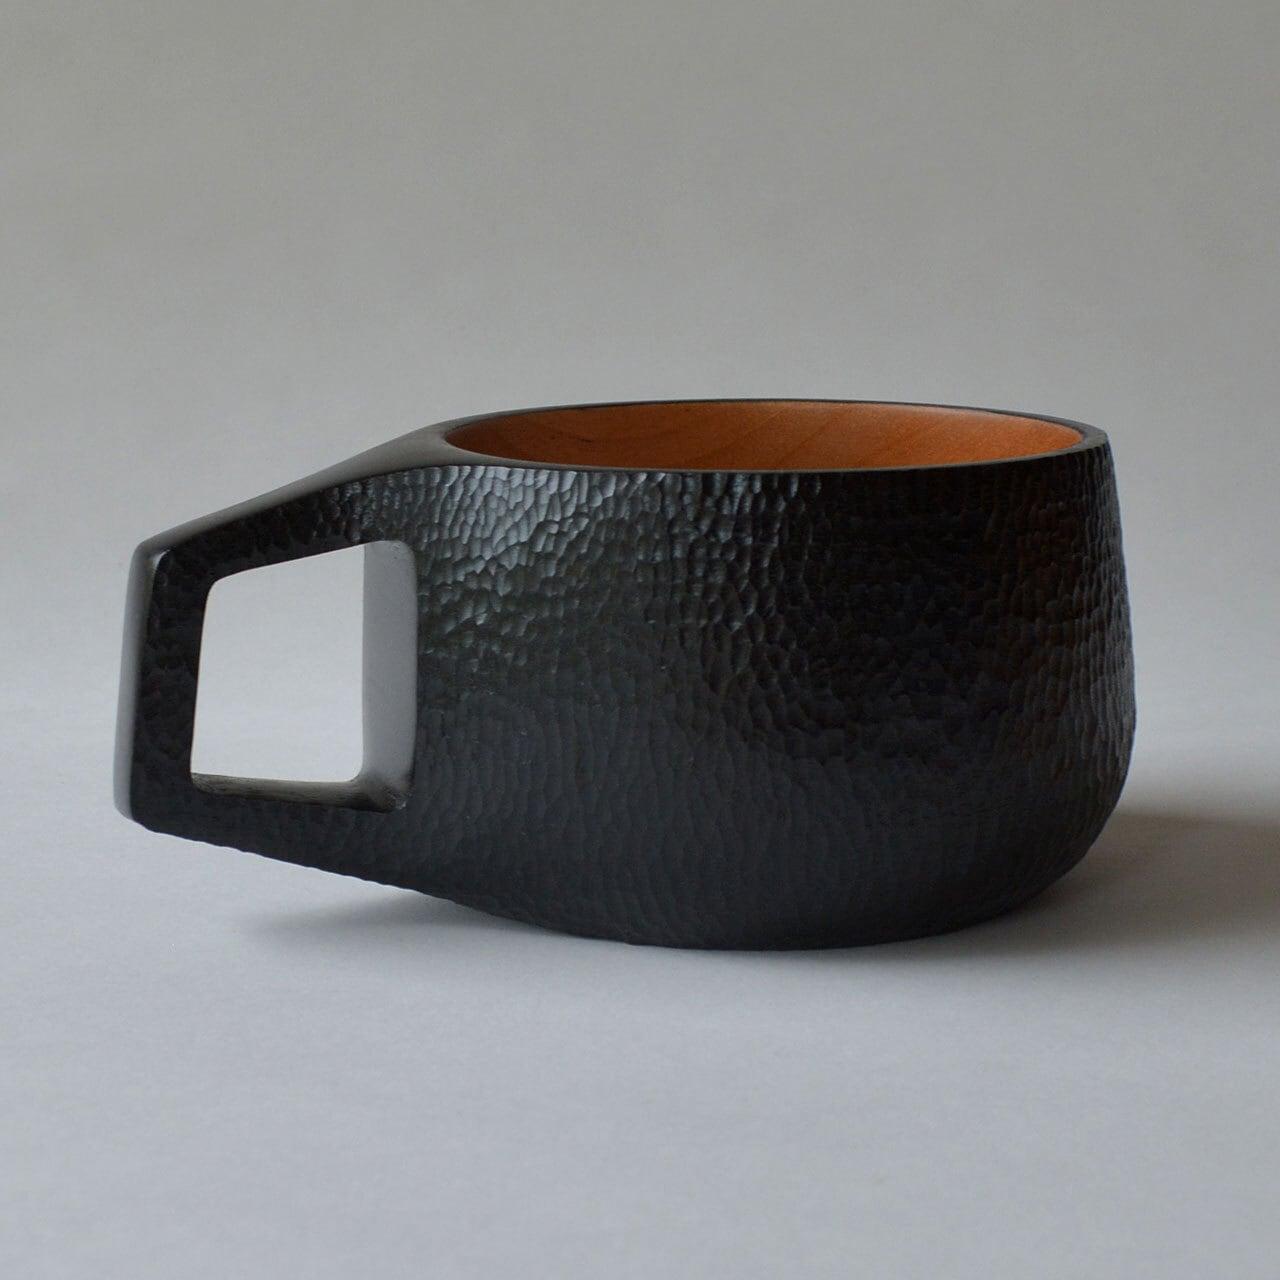 樺 漆 Birch CUP BU-01